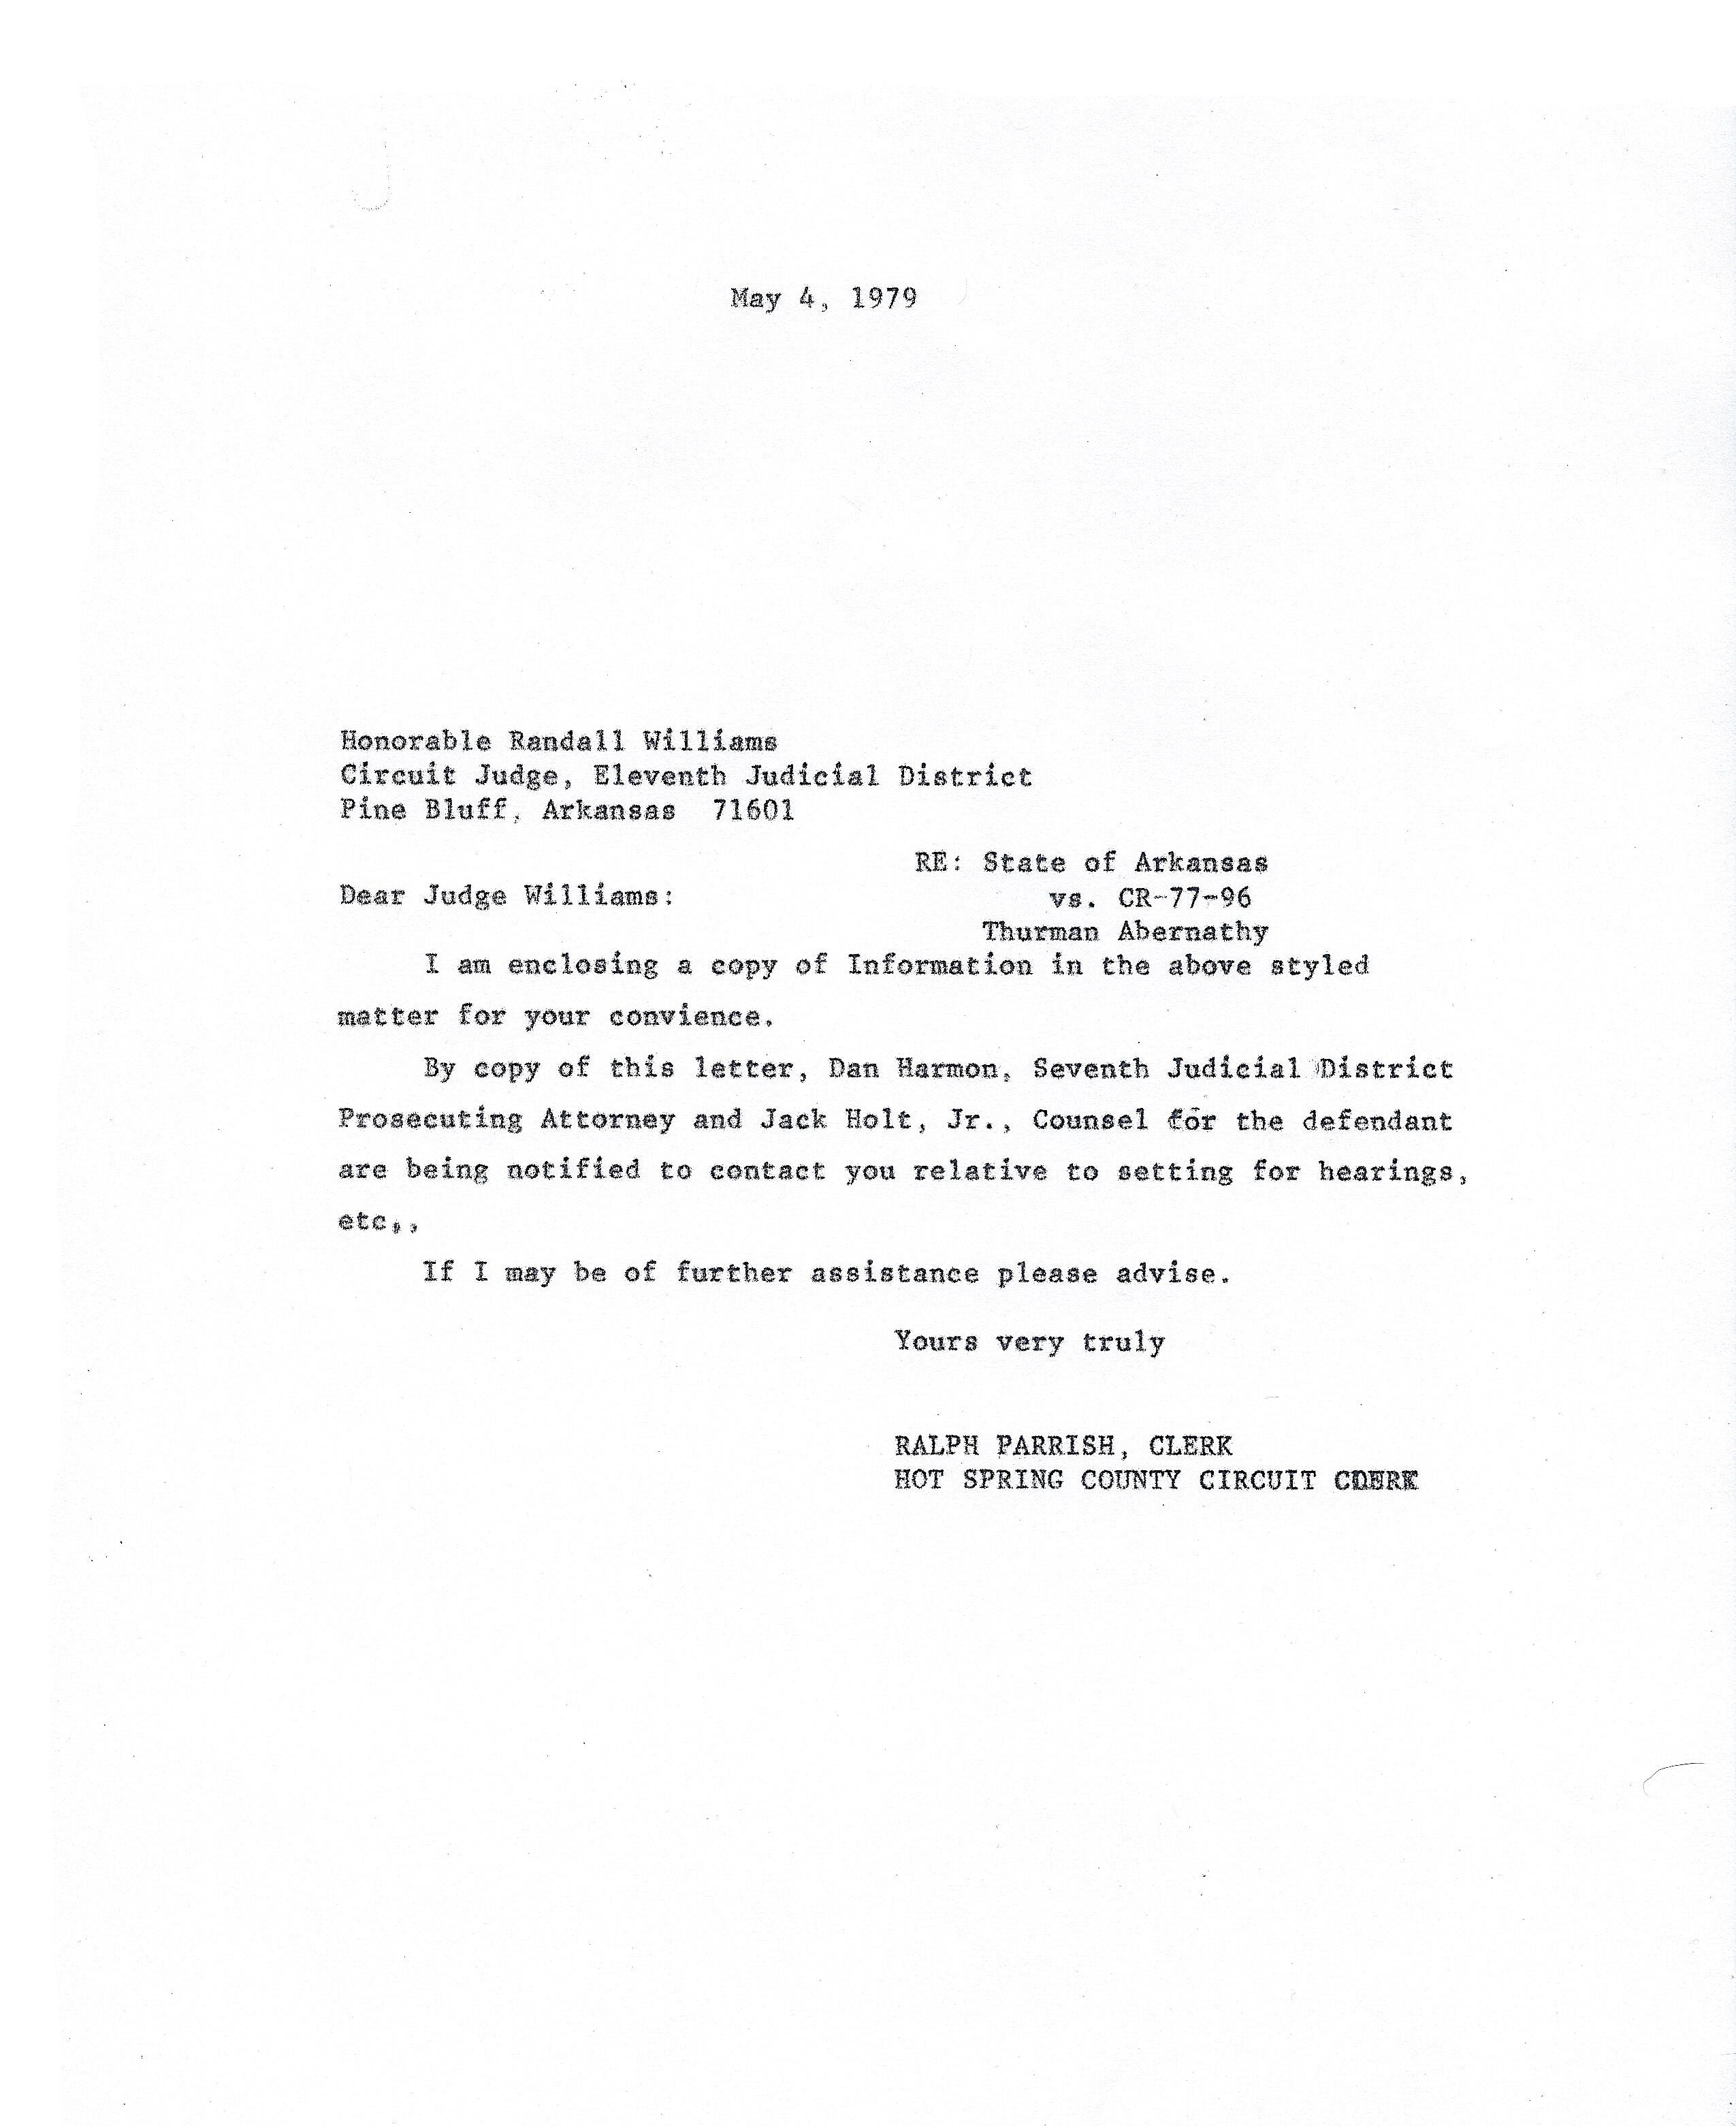 05_04_1979_Letter of Information